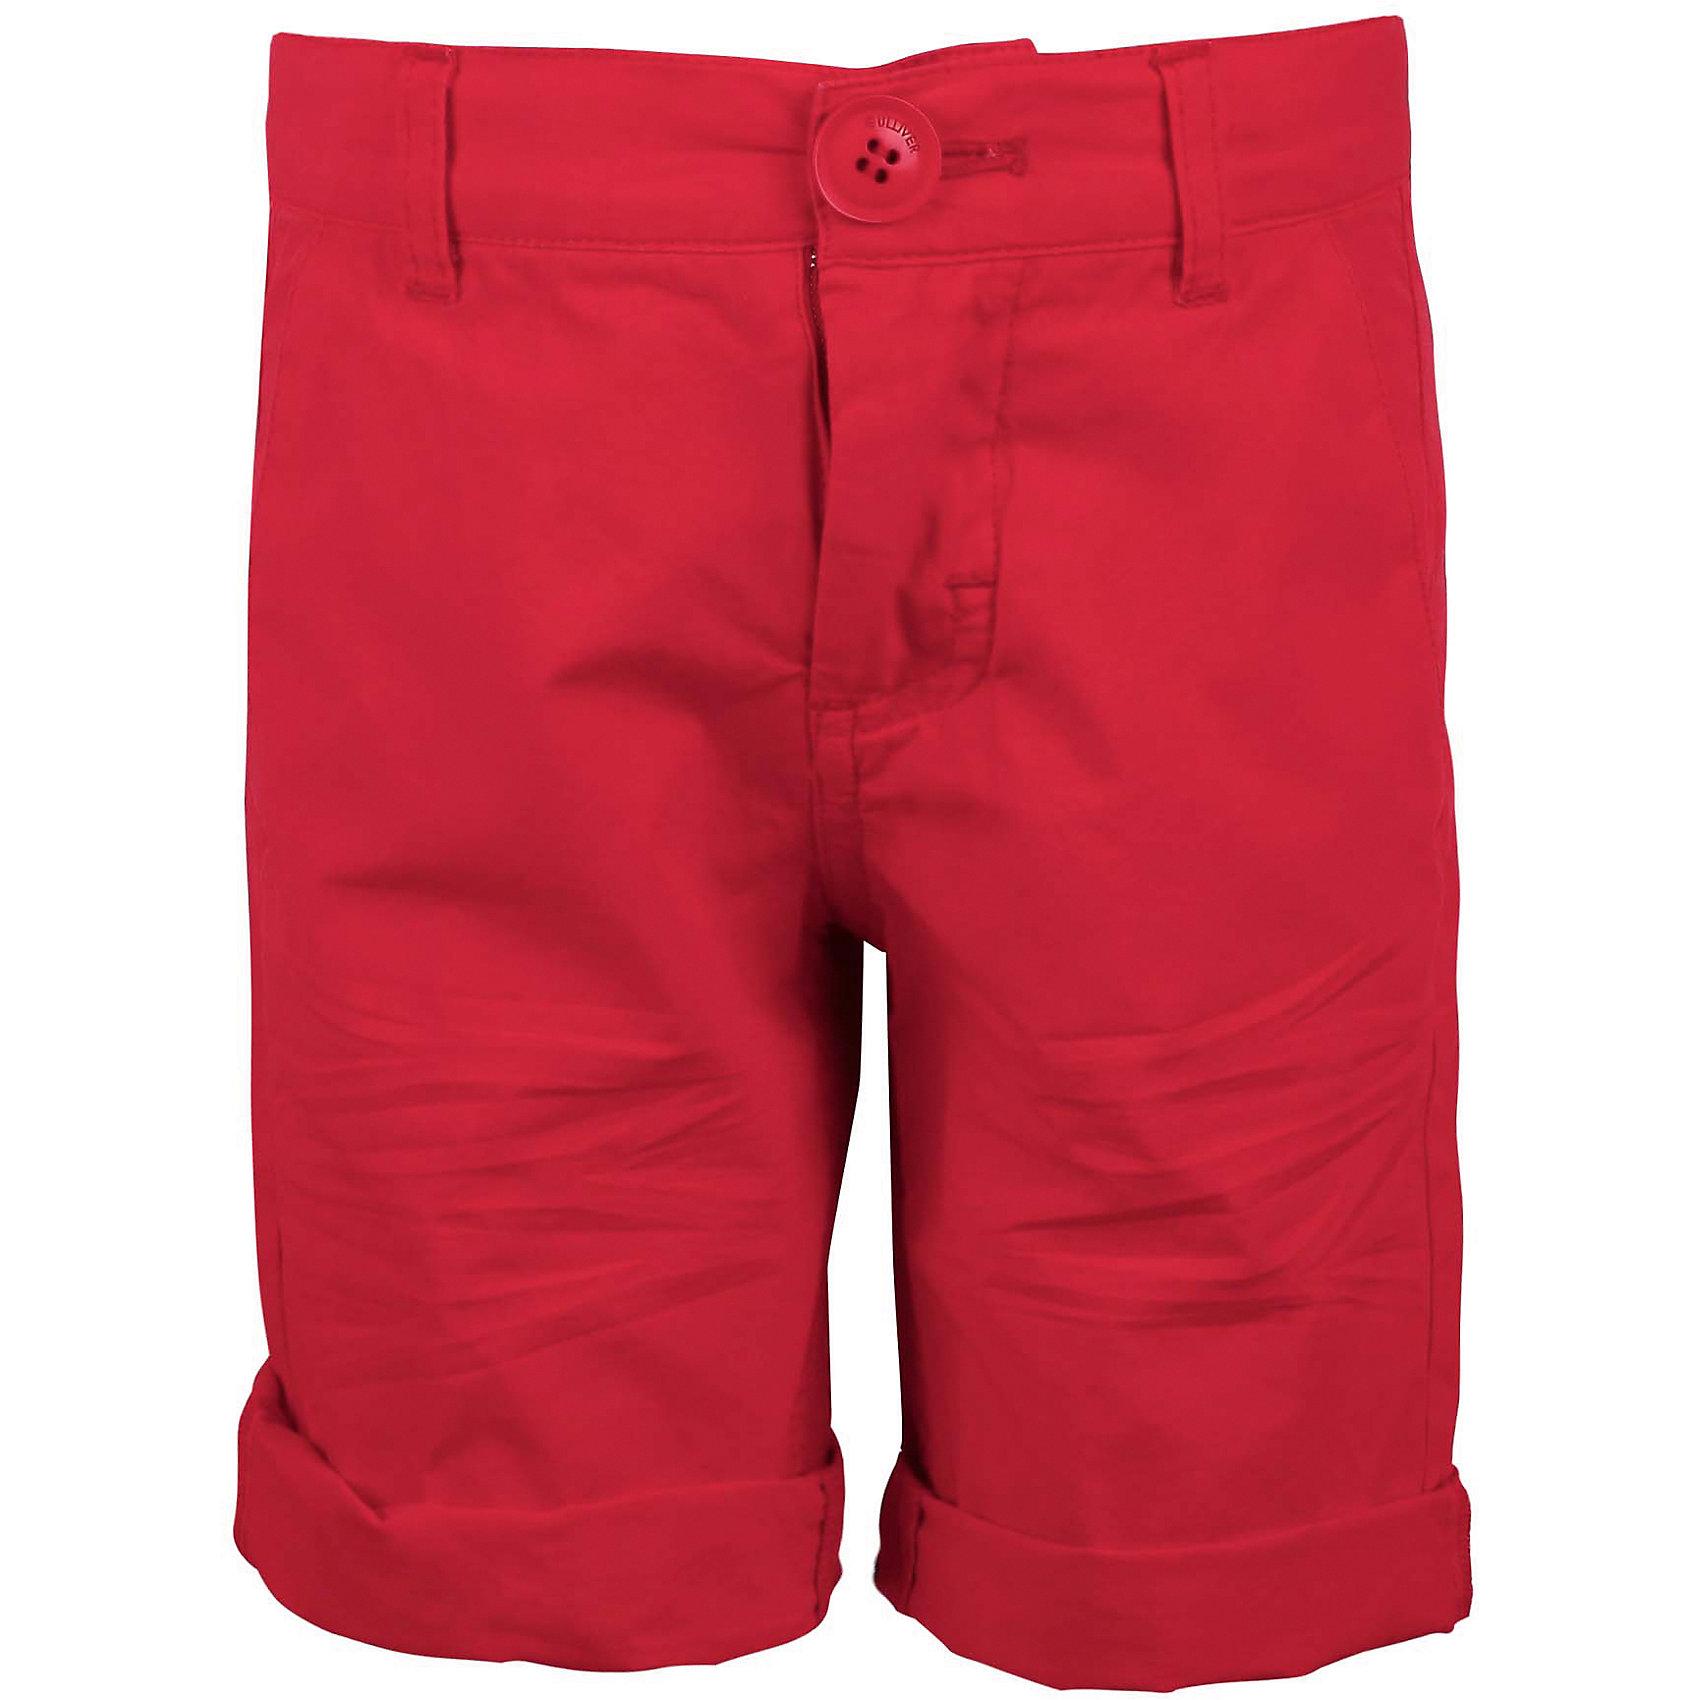 Шорты для мальчика GulliverШорты, бриджи, капри<br>В преддверии лета мы хотим привнести в свою жизнь новые краски! Уберем подальше все темное, практичное, мрачное и наполним гардероб яркими интересными моделями, которые будут создавать позитивное настроение! Купить красные шорты для мальчика, значит, идти в ногу со временем! Модные шорты из  мягкого хлопка придадут летнему гардеробу особый шарм! С любым джемпером, курткой, жилетом, пиджаком шорты составят отличный комплект - стильный и современный!<br>Состав:<br>100% хлопок<br><br>Ширина мм: 191<br>Глубина мм: 10<br>Высота мм: 175<br>Вес г: 273<br>Цвет: красный<br>Возраст от месяцев: 48<br>Возраст до месяцев: 60<br>Пол: Мужской<br>Возраст: Детский<br>Размер: 110,98,104,116<br>SKU: 5483932